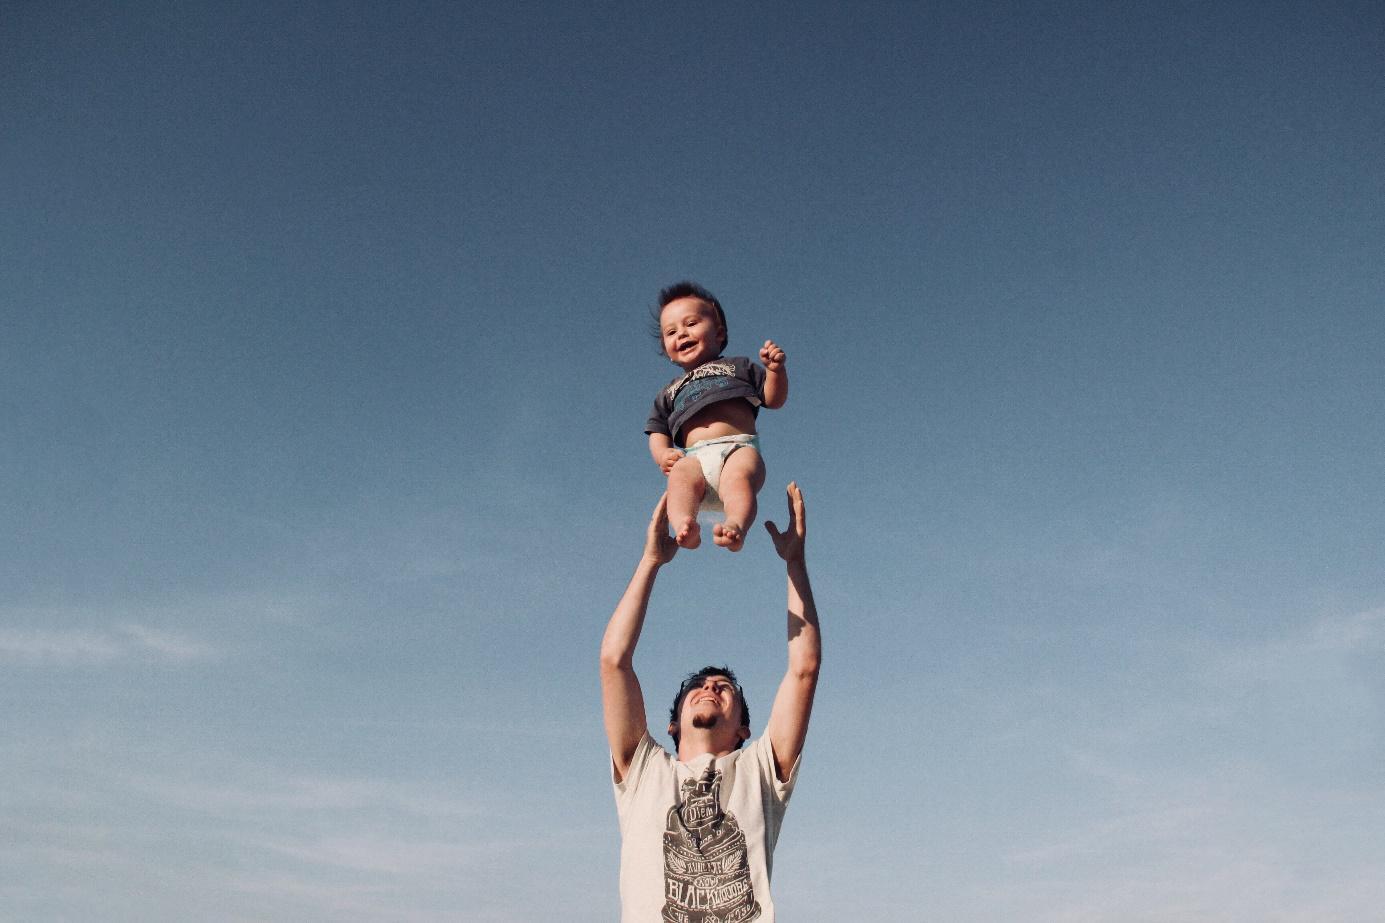 Parrain enfant qui saute